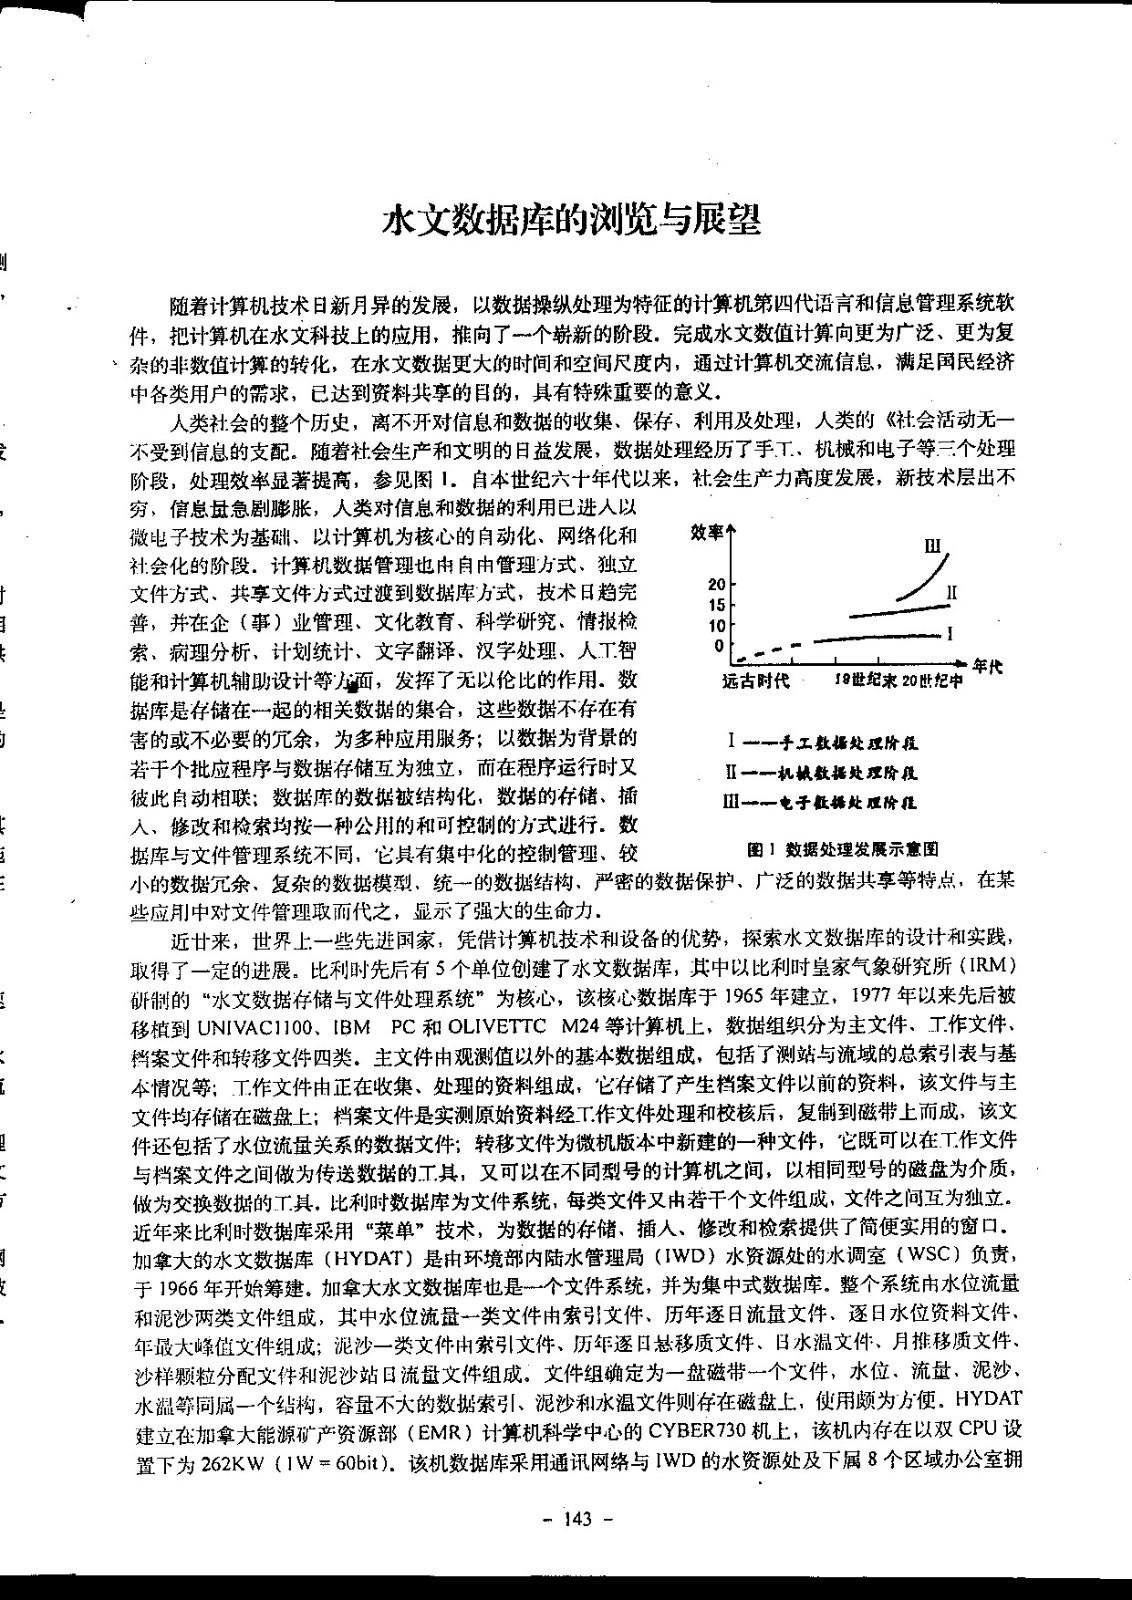 1页.jpg